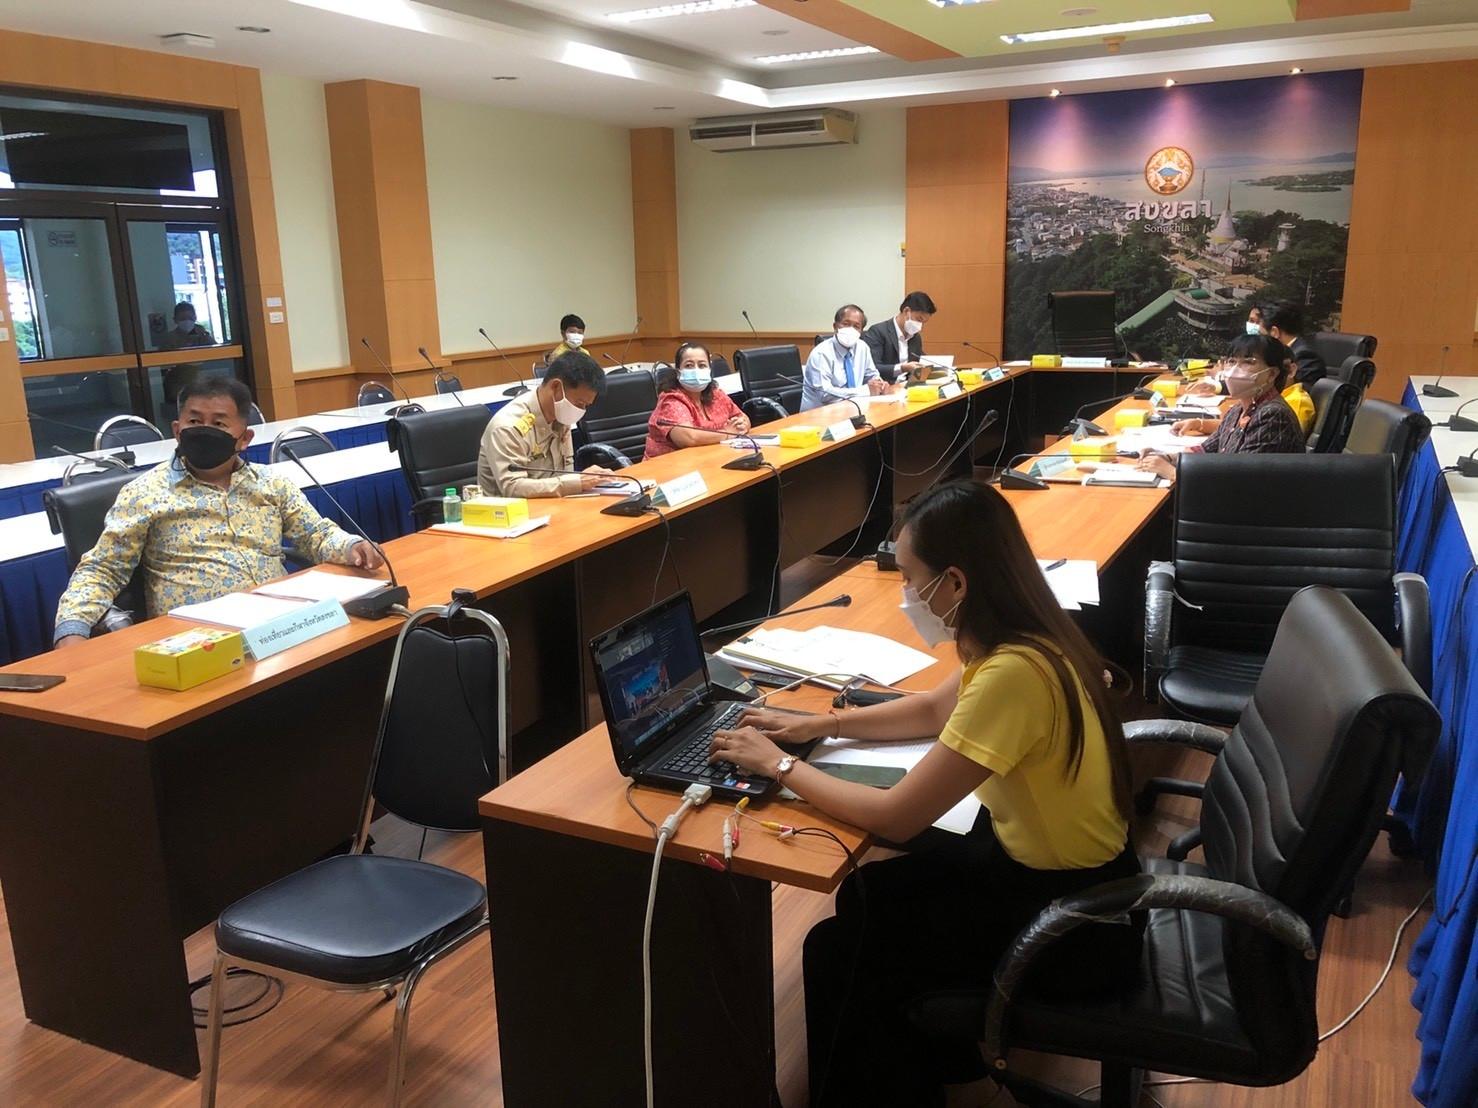 หอการค้าจังหวัดสงขลา ร่วมประชุม กรอ. กลุ่มจังหวัดภาคใต้ฝั่งอ่าวไทย ครั้งที่3/2564